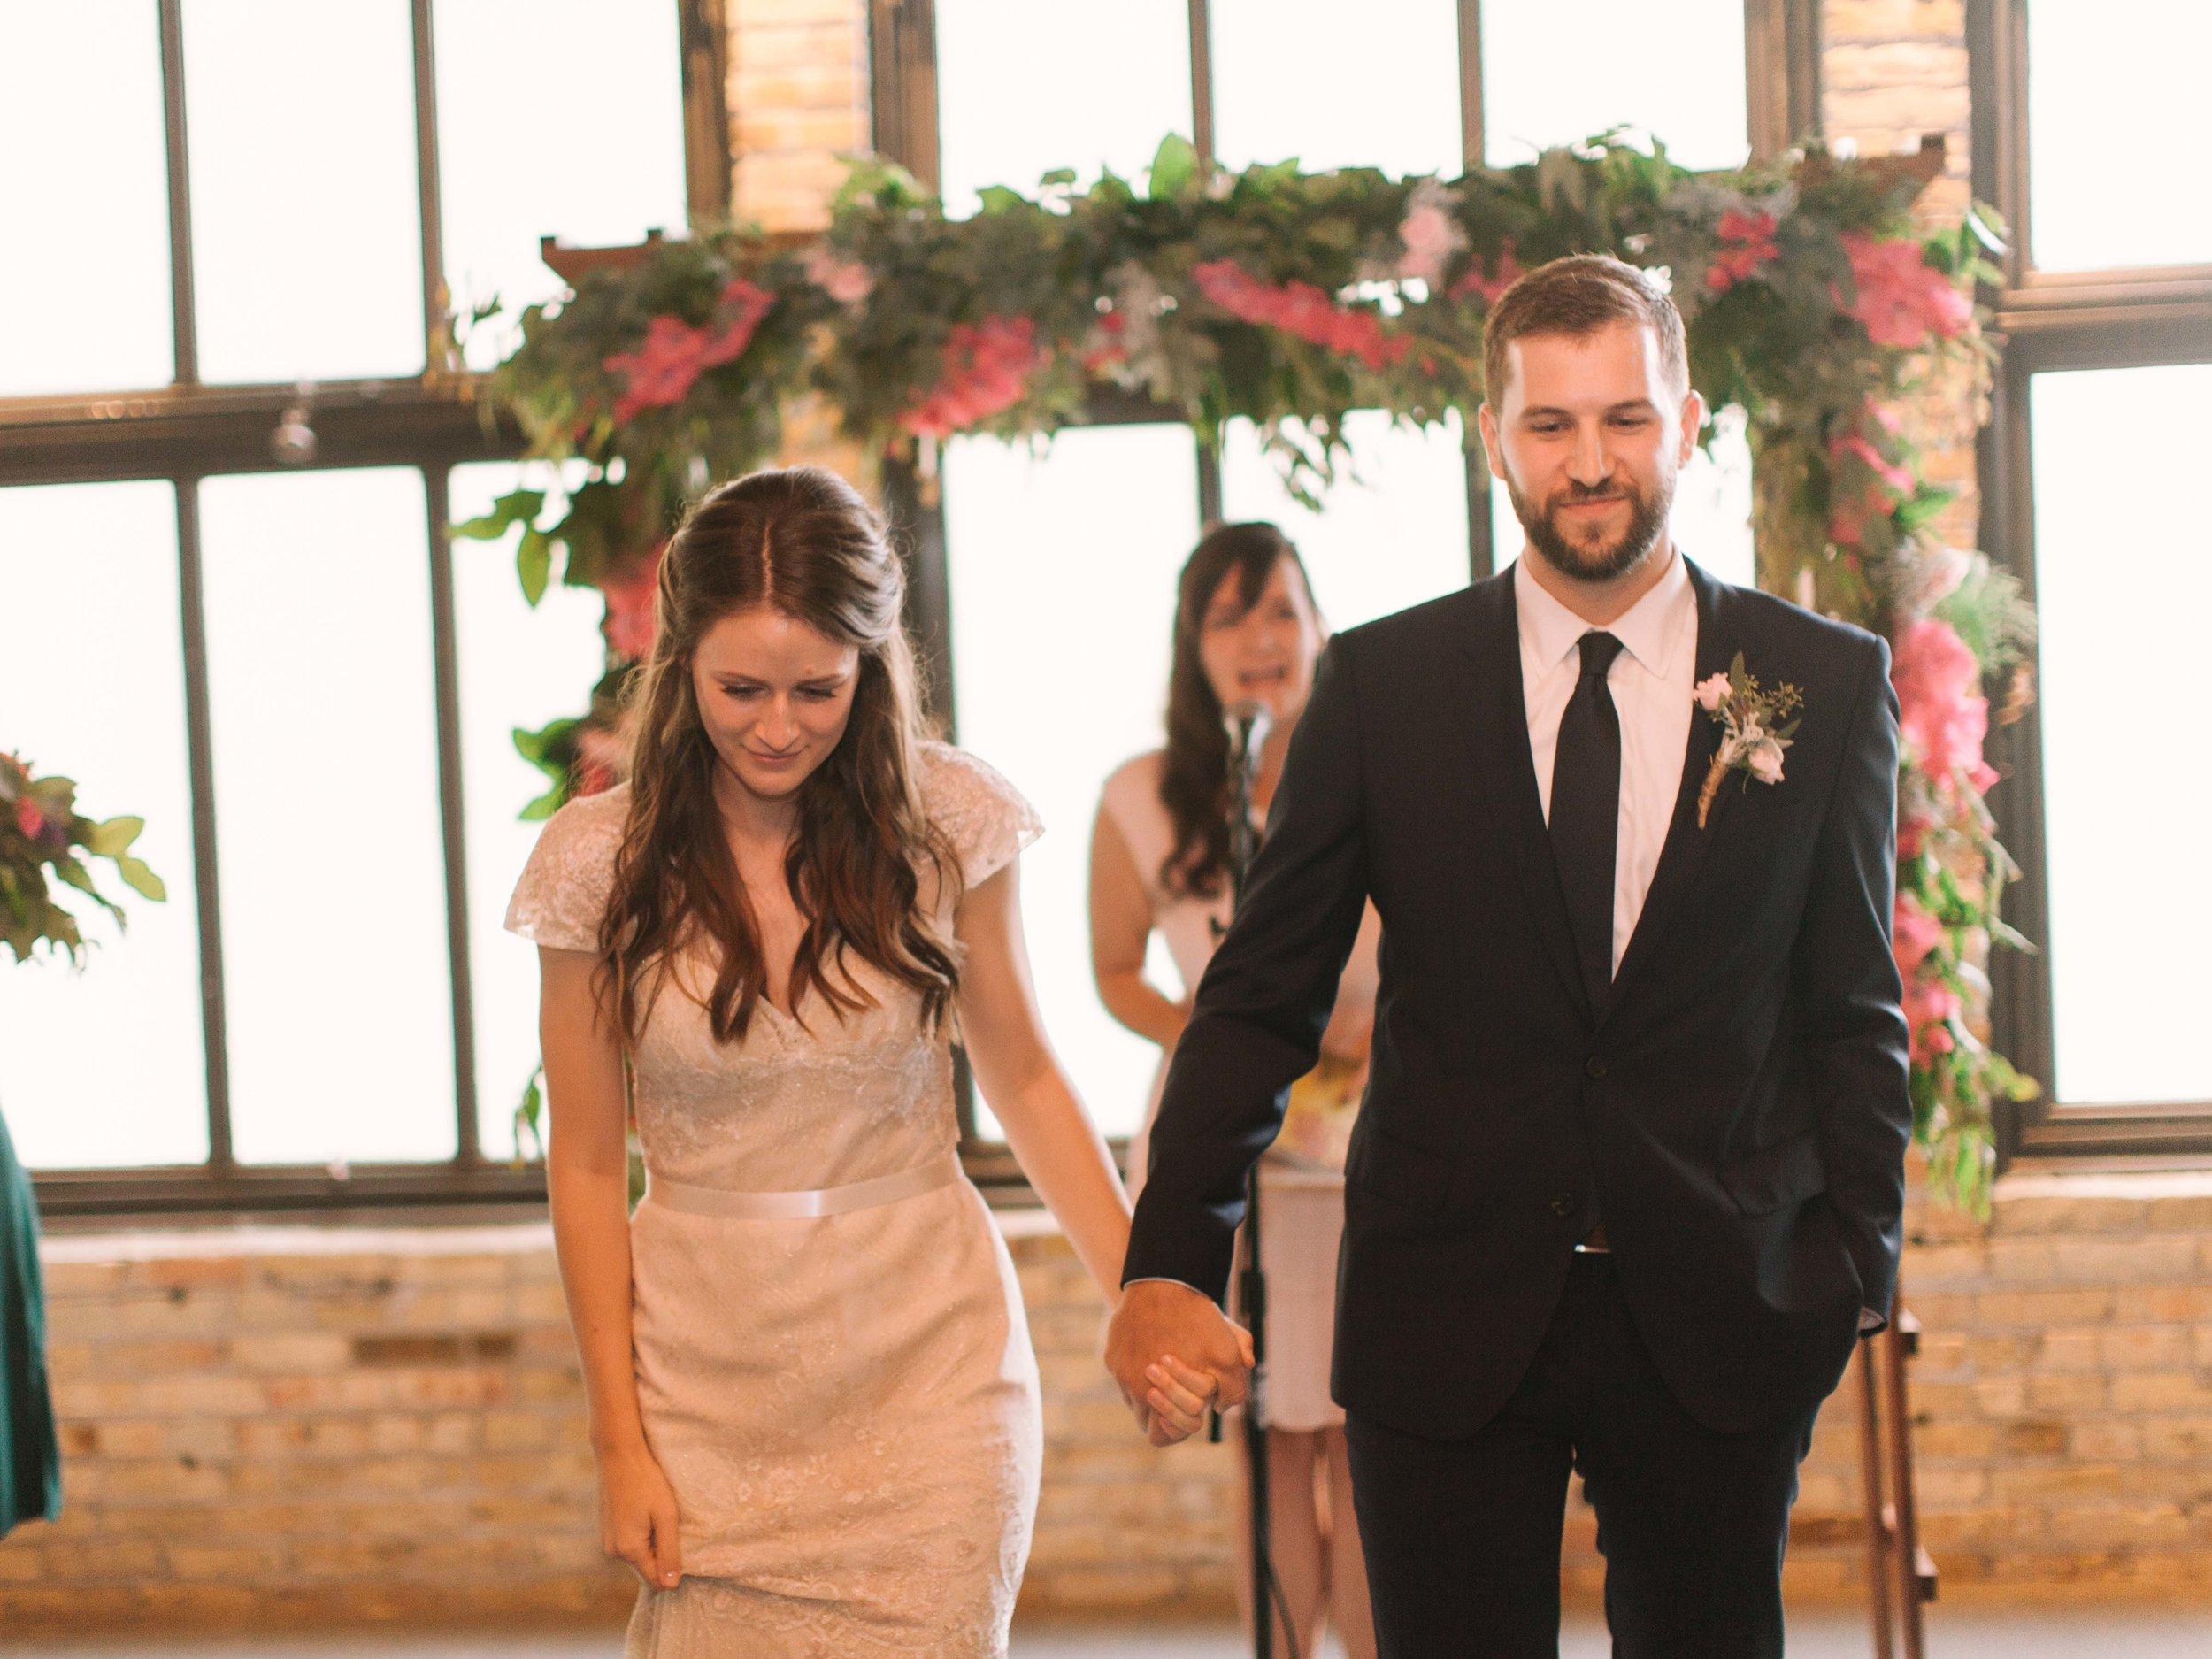 kateweinsteinphoto_clairewillie_wedding-492.jpg